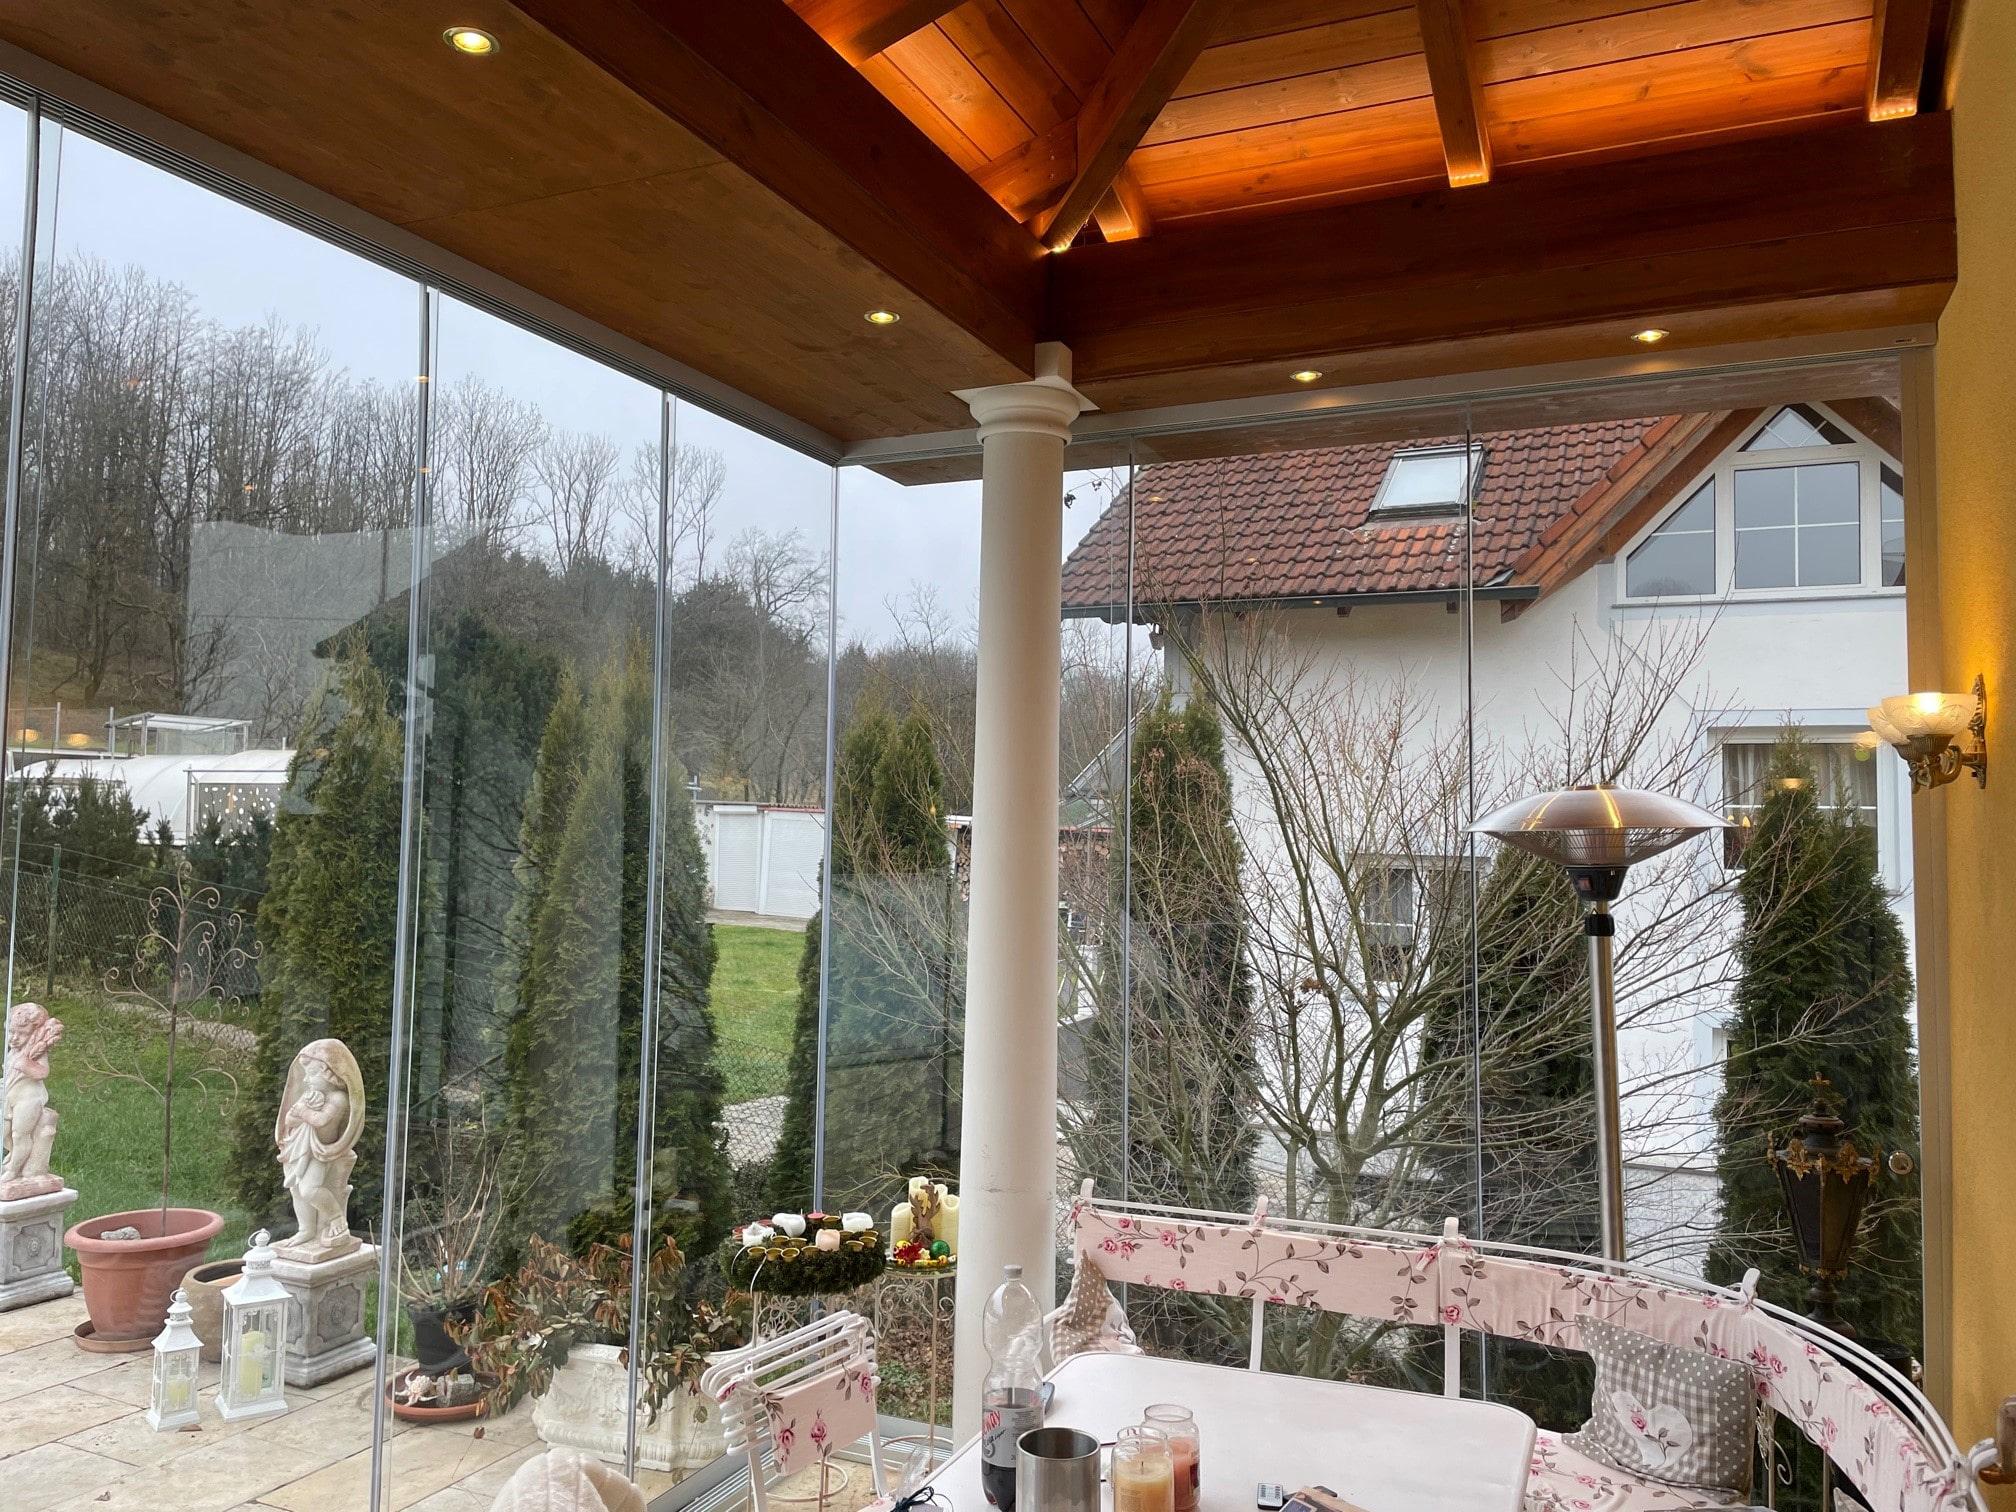 Terrassenverglasung zum Öffnen